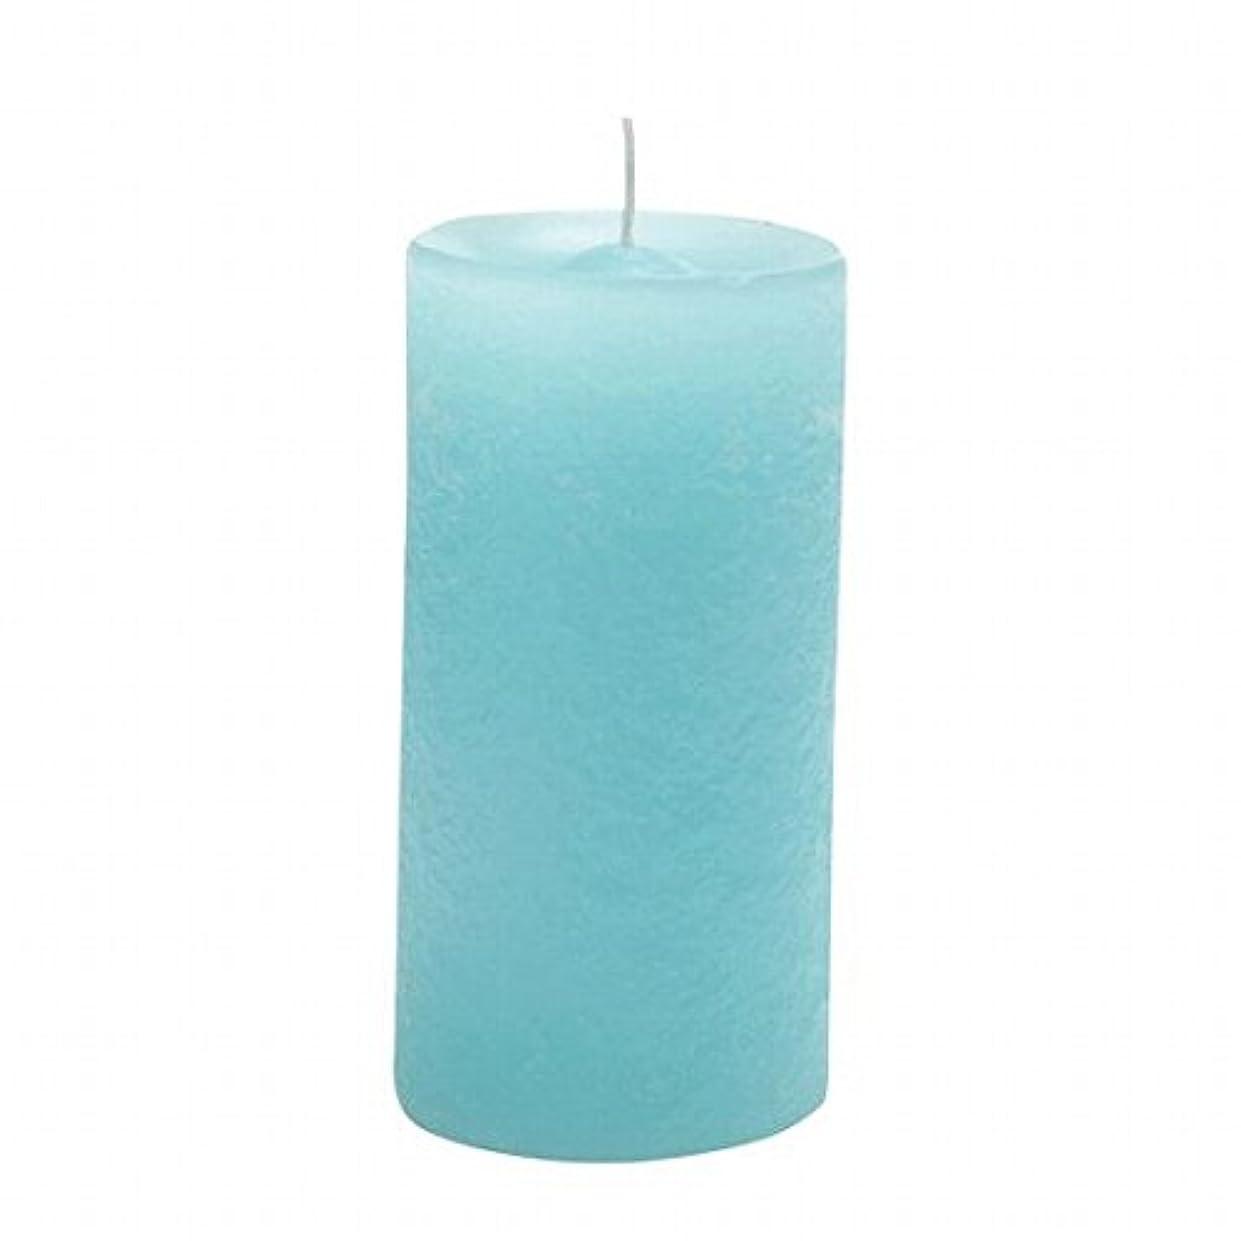 ヤンキーキャンドル(YANKEE CANDLE) ラスティクピラー50×100 「 ライトブルー 」